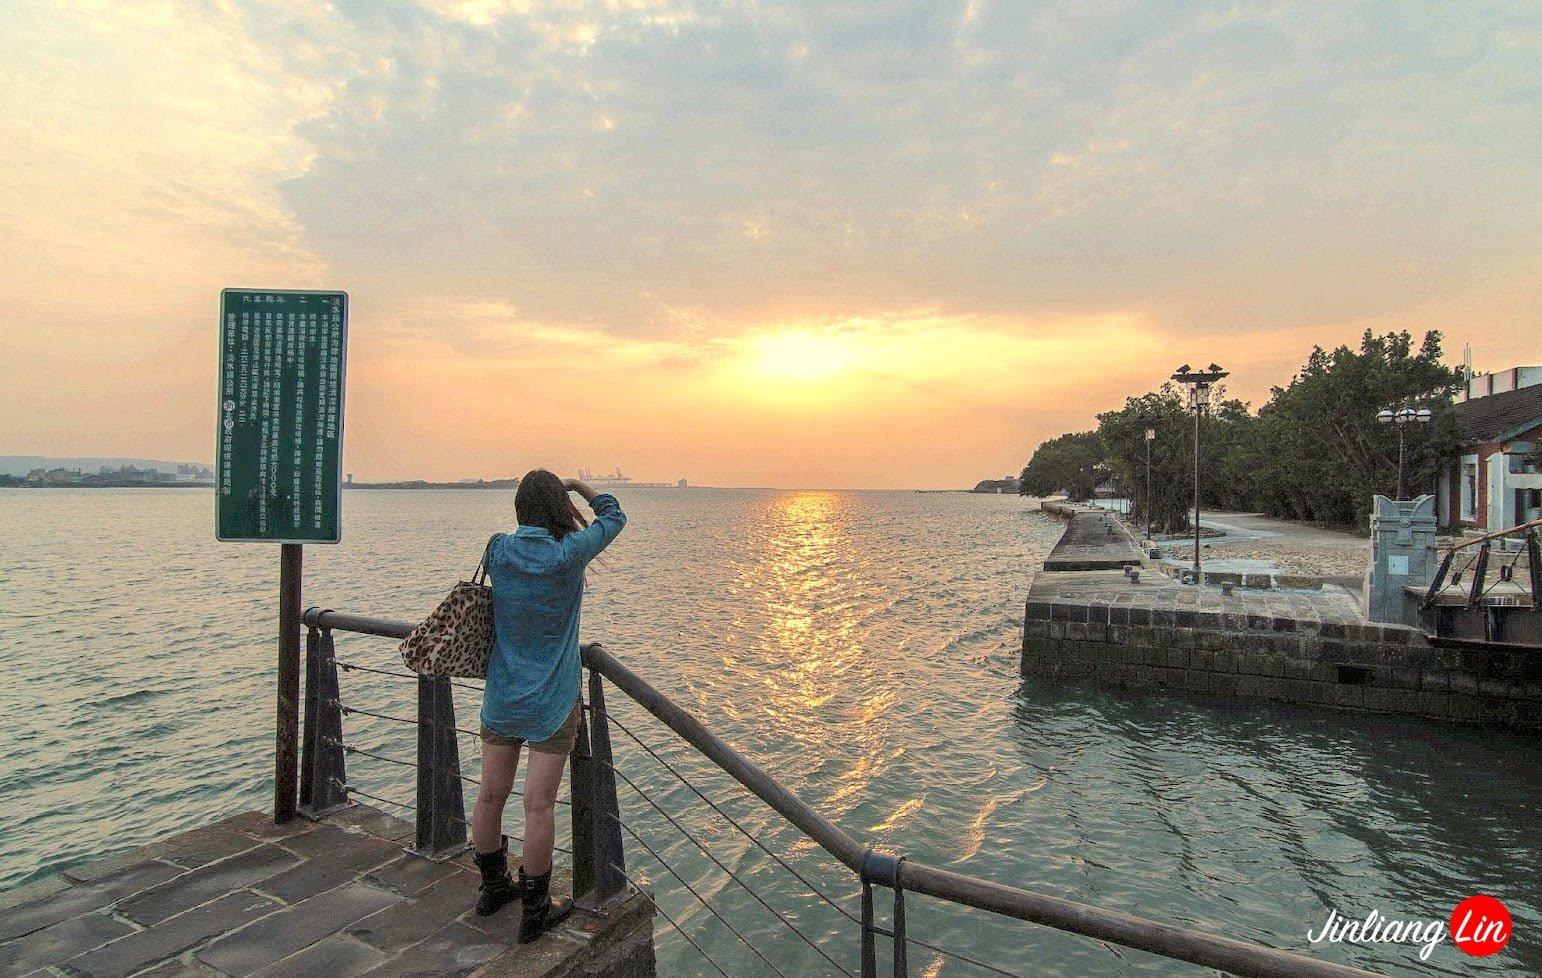 女孩 日落 淡水河|20120428